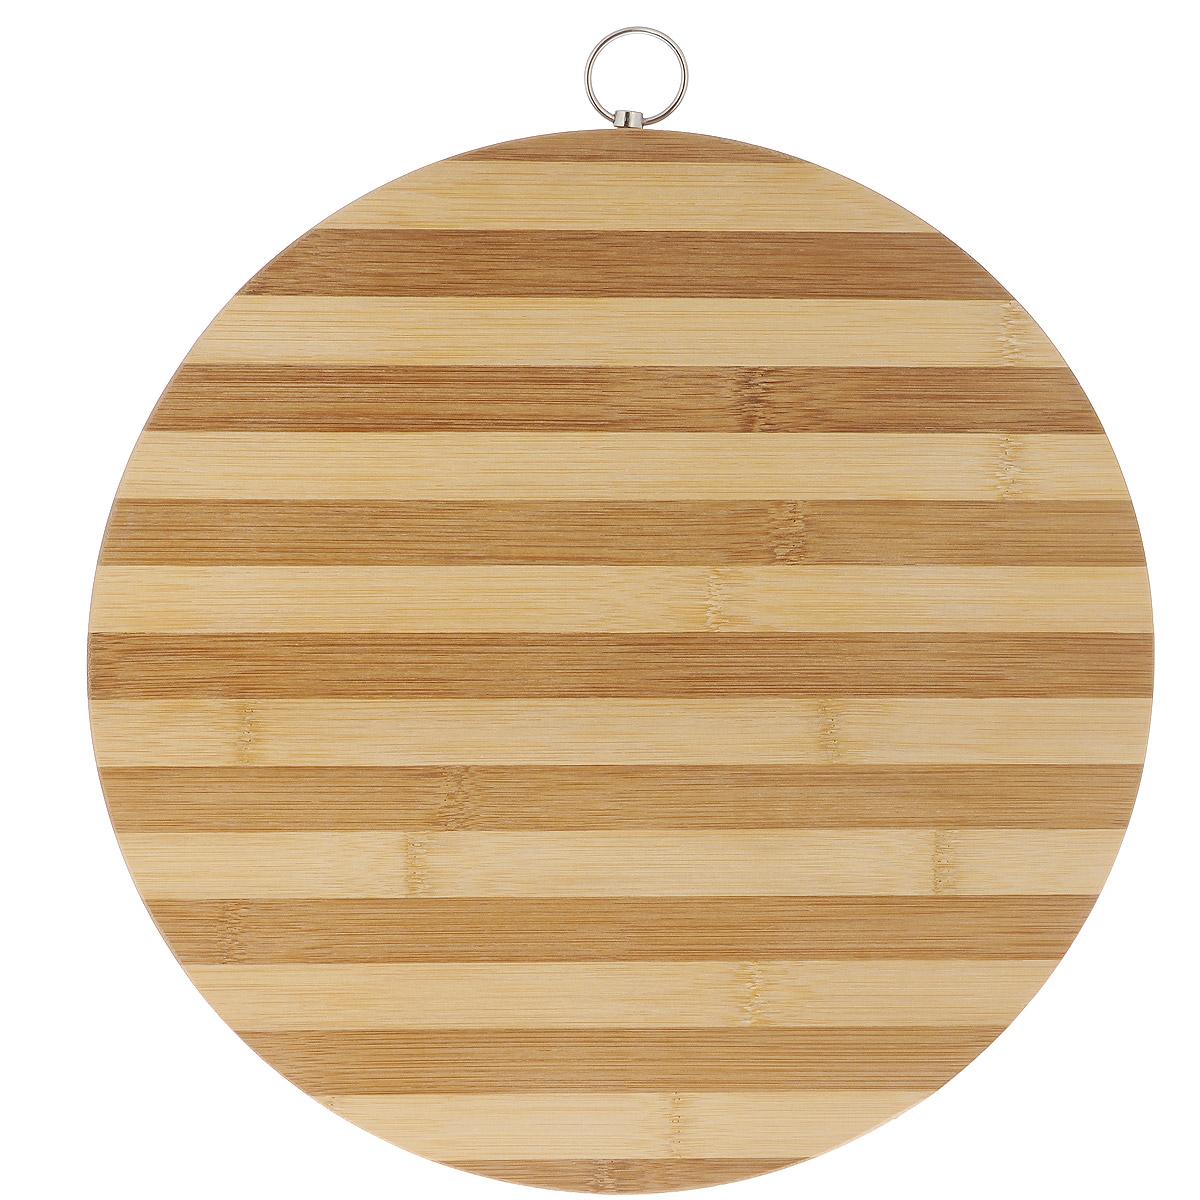 Доска разделочная Bekker, бамбуковая, диаметр 34,5 см391602Круглая разделочная доска Bekker изготовлена из высококачественной древесины бамбука, обладающей антибактериальными свойствами. Бамбук - инновационный материал, идеально подходящий для разделочных досок. Доски из бамбука обладают высокой плотностью структуры древесины, а также устойчивы к механическим воздействиям. Доска оснащена специальной металлической петелькой для подвешивания. Функциональная и простая в использовании, разделочная доска Bekker прекрасно впишется в интерьер любой кухни и прослужит вам долгие годы.